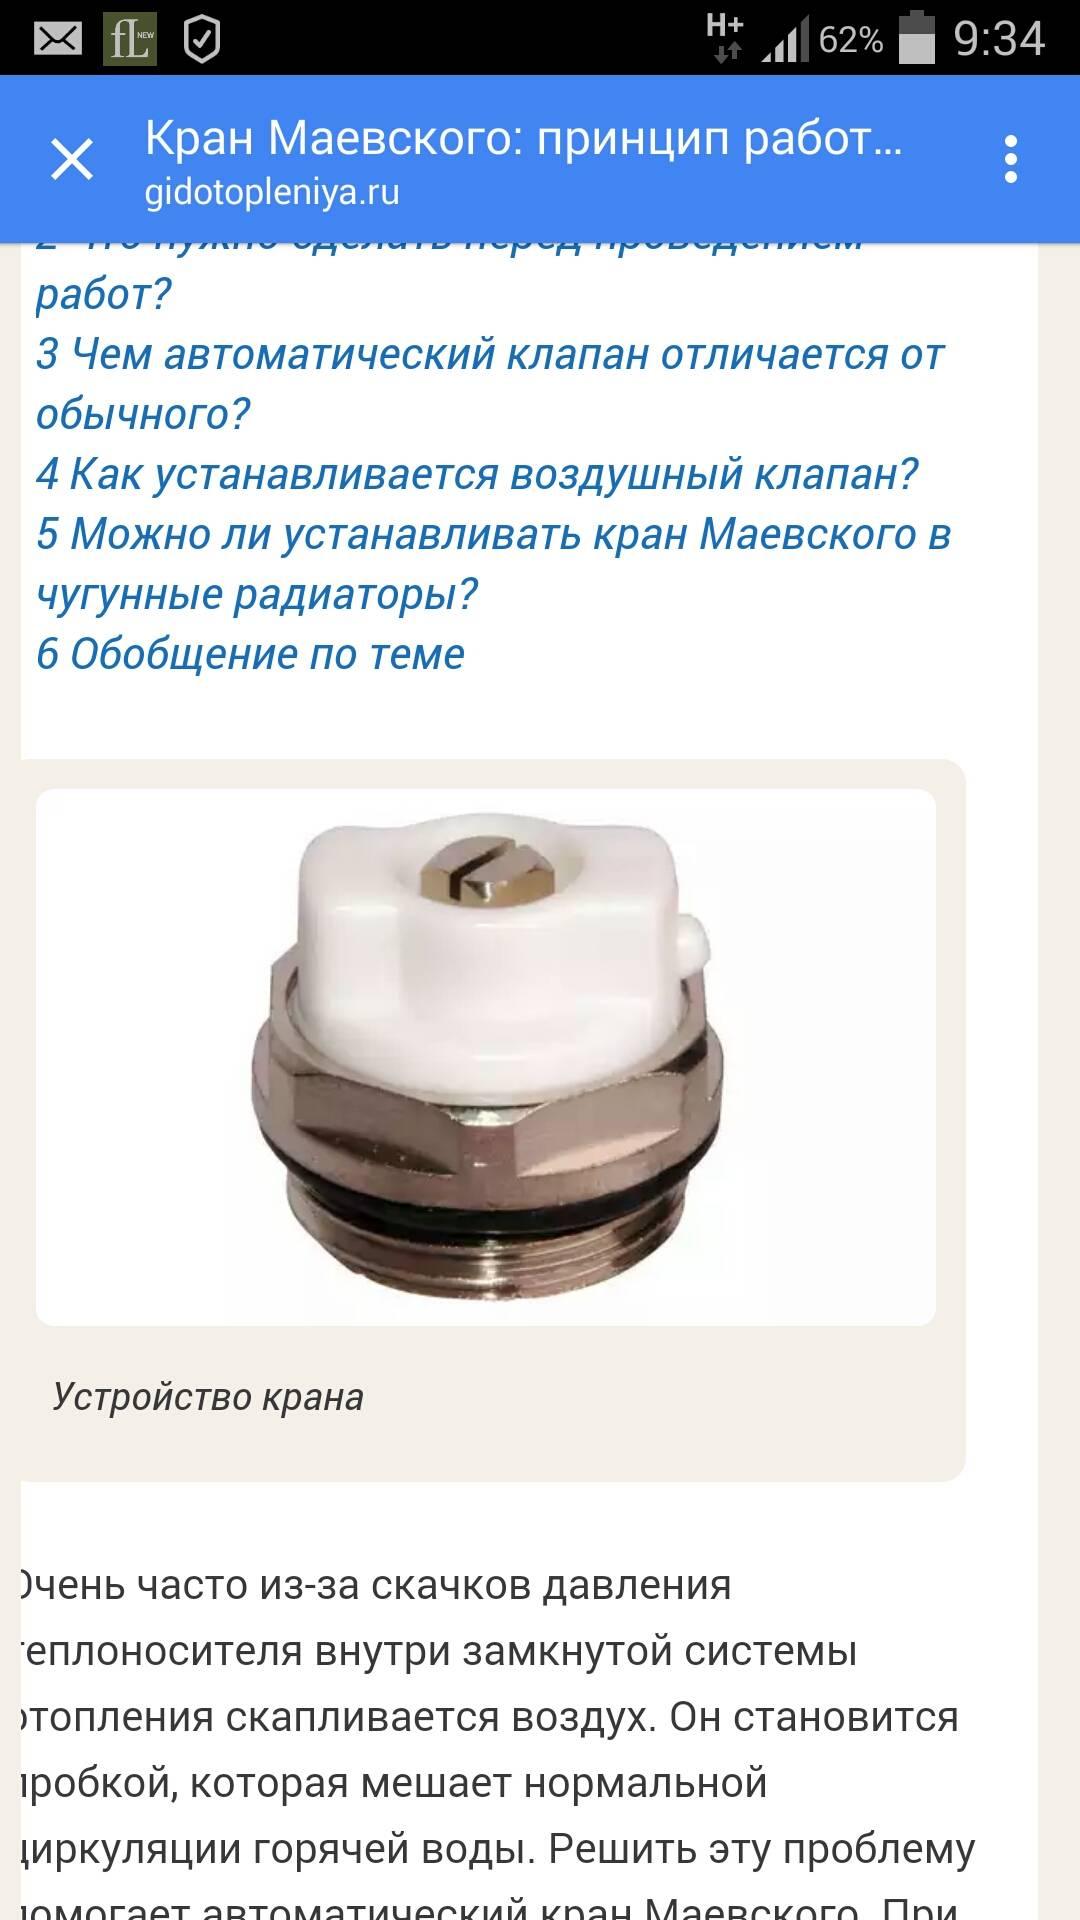 Кран маевского: принцип работы, инструкция по установке